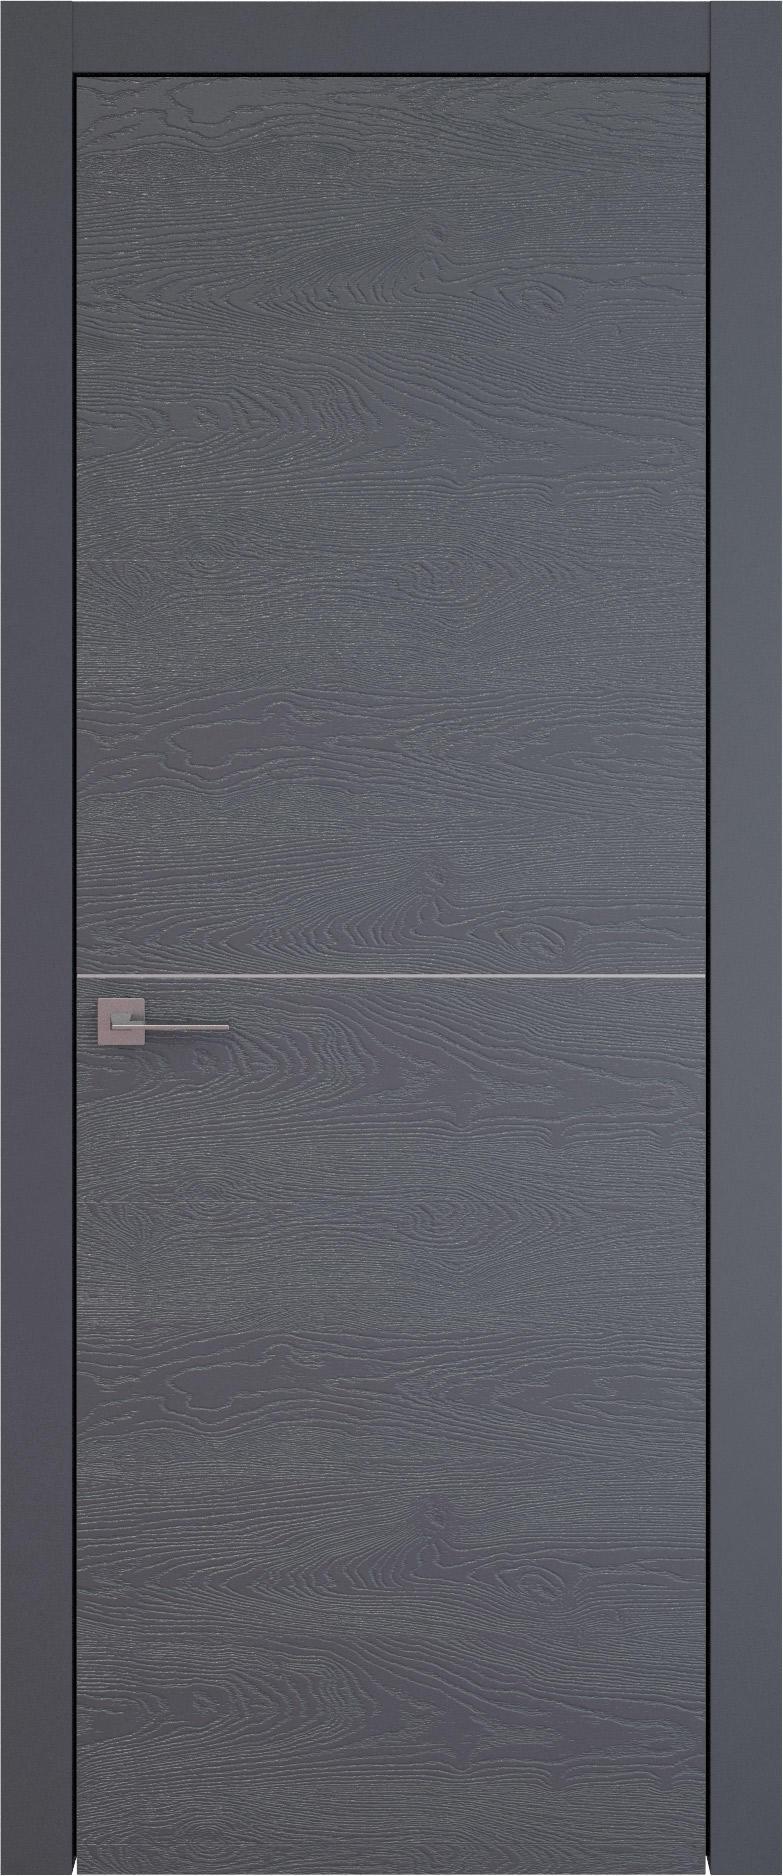 Tivoli Б-3 цвет - Графитово-серая эмаль по шпону (RAL 7024) Без стекла (ДГ)